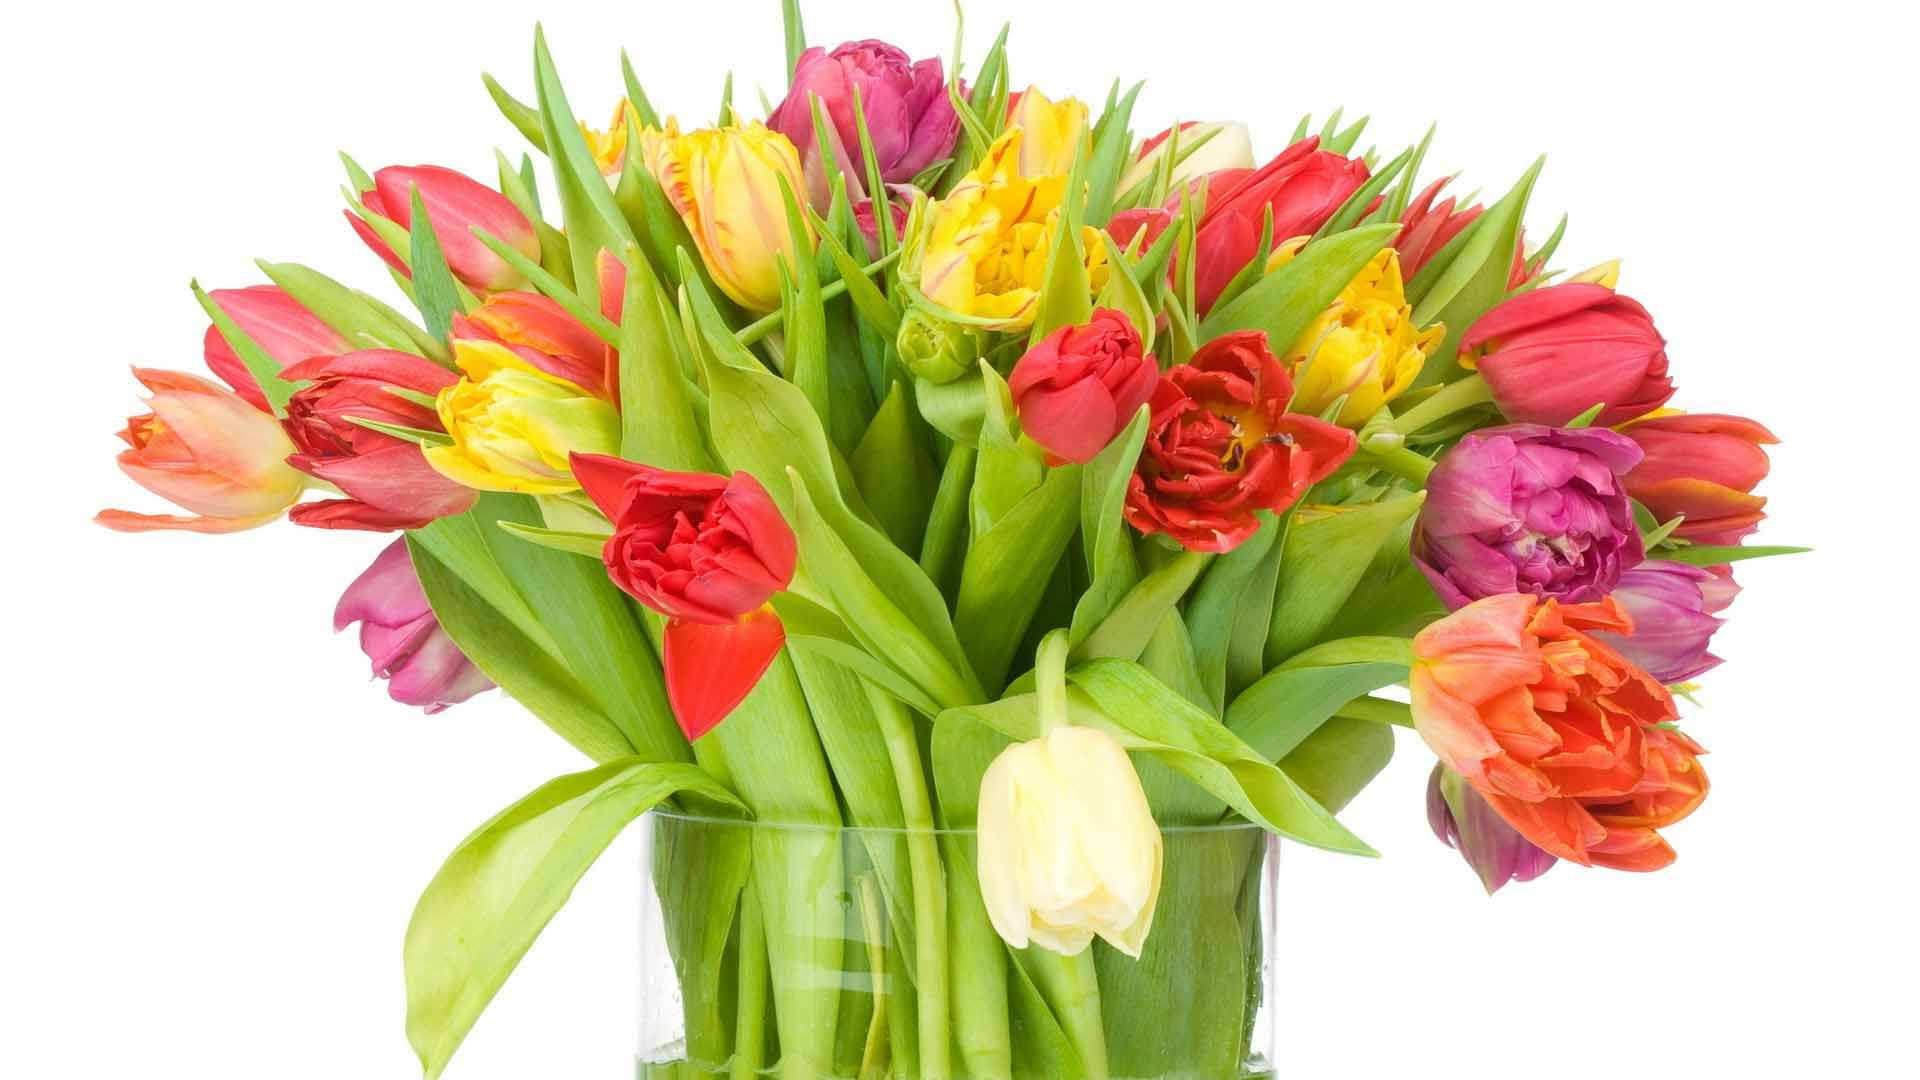 большой весенний букет тюльпанов